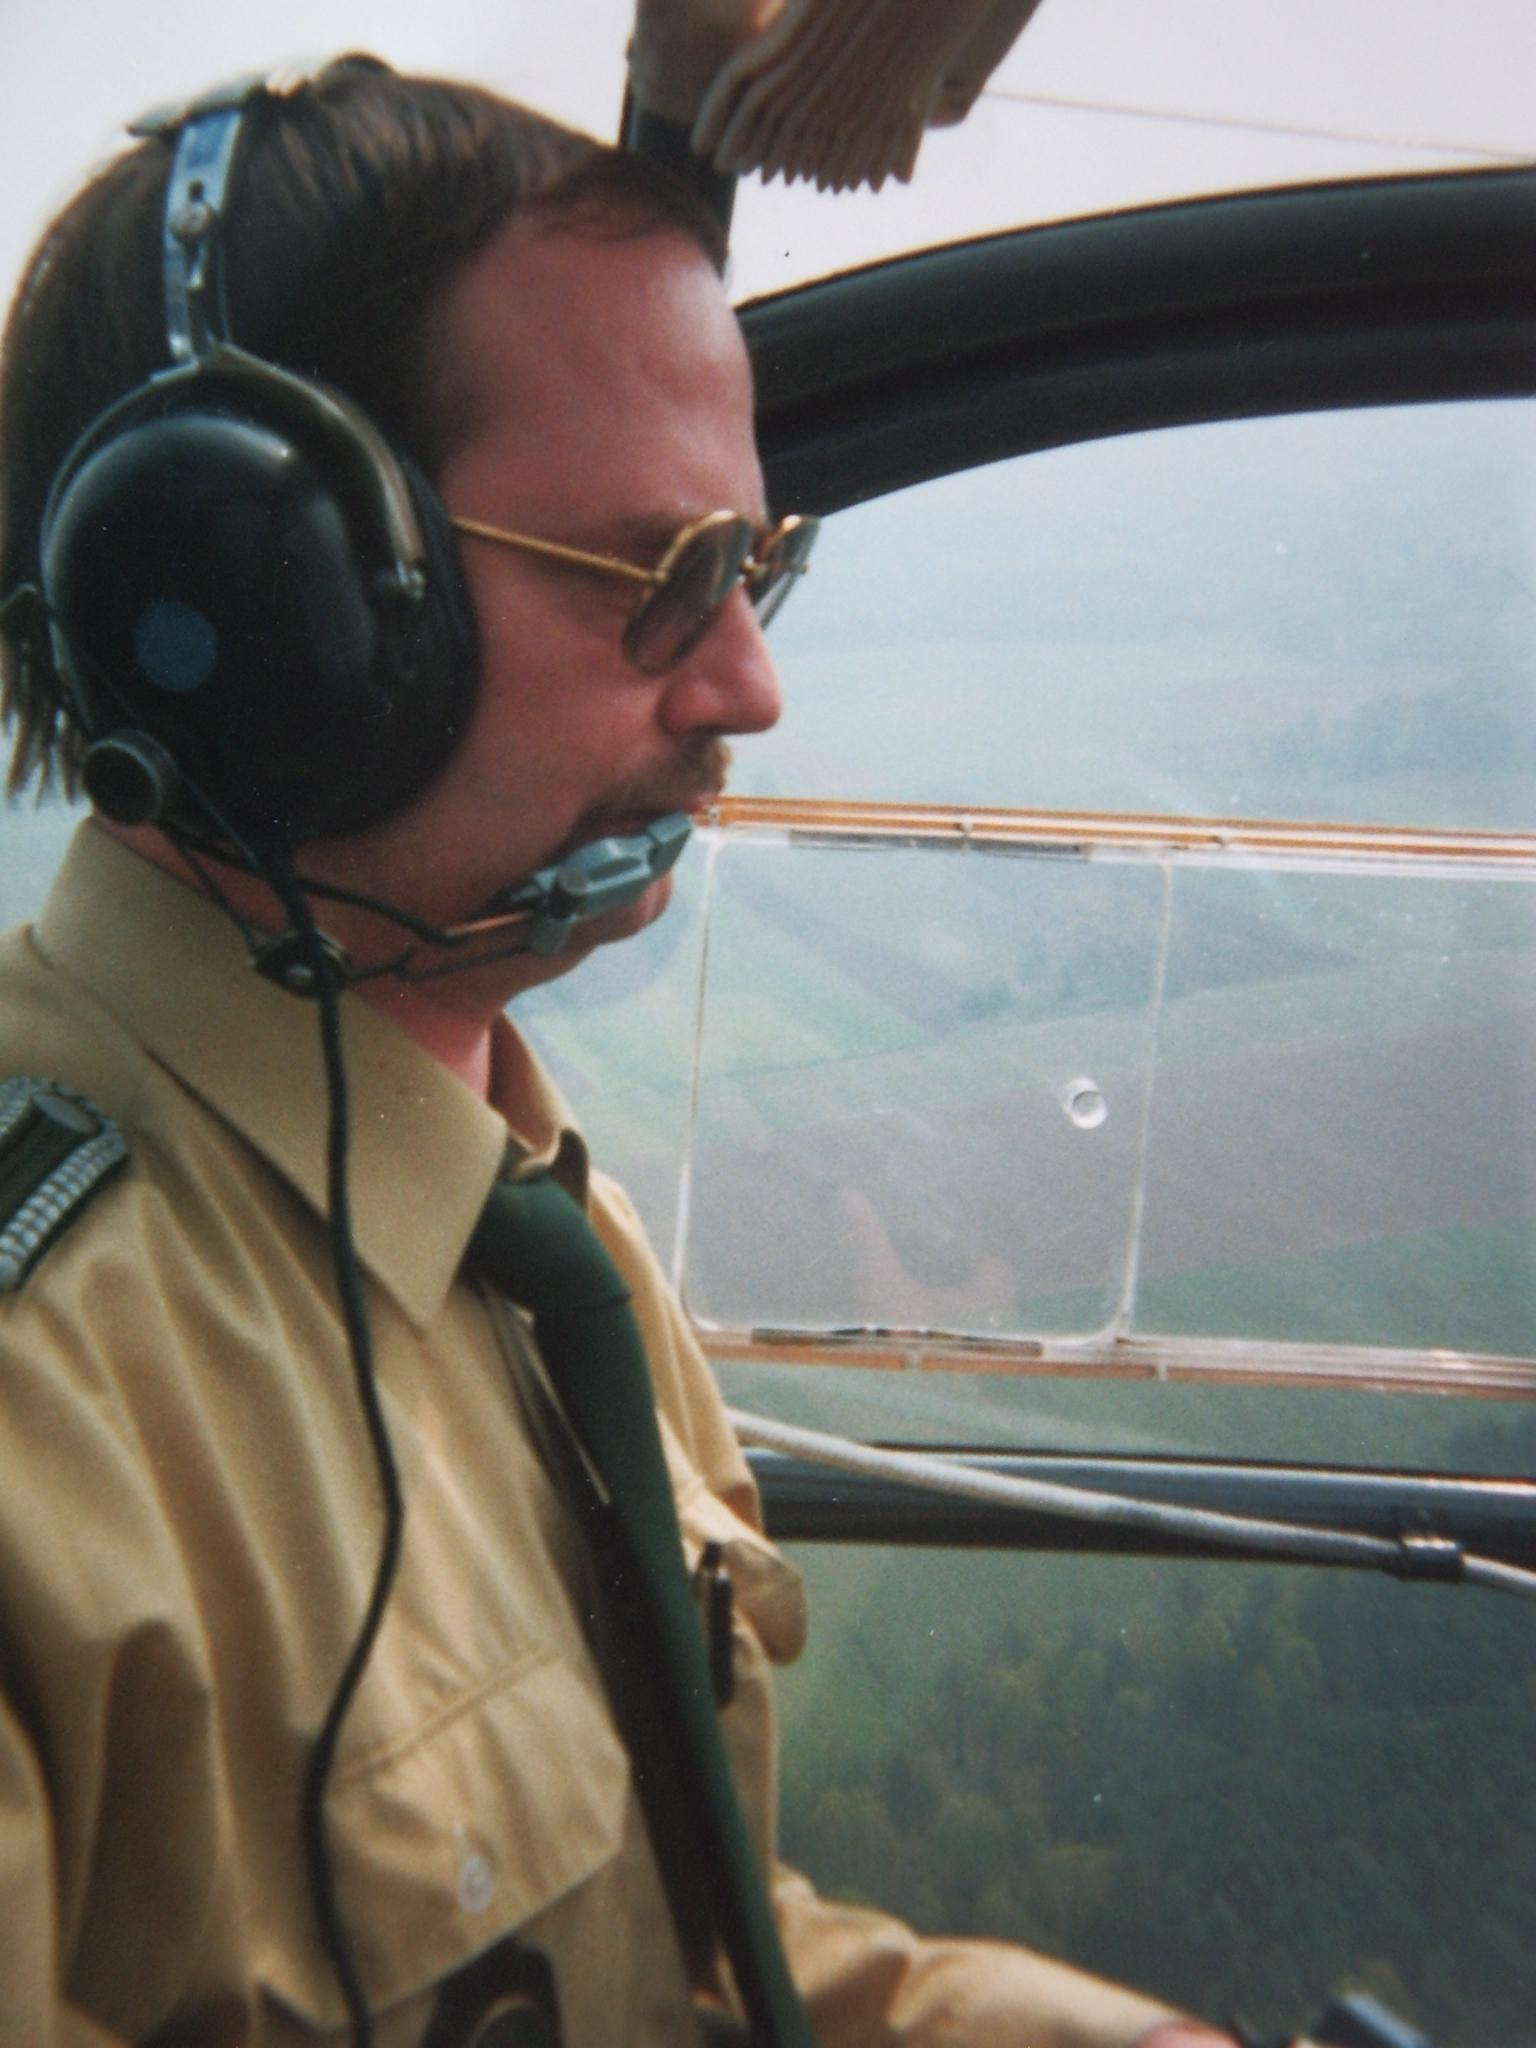 1993 : Roland Egersdörfer pilote un hélicoptère de la police aux frontières. © Roland Egersdörfer